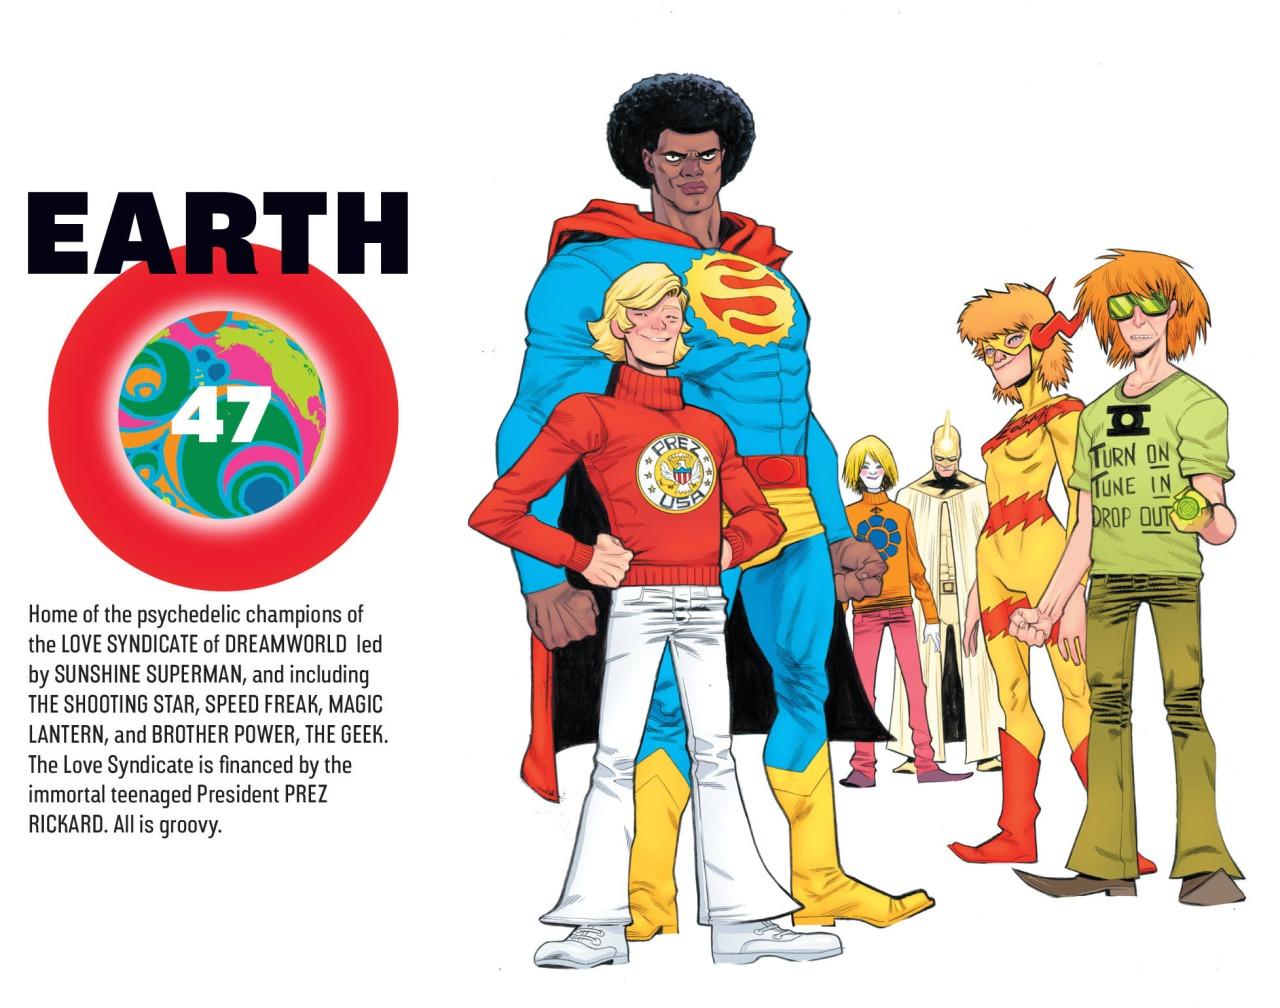 Earth-47